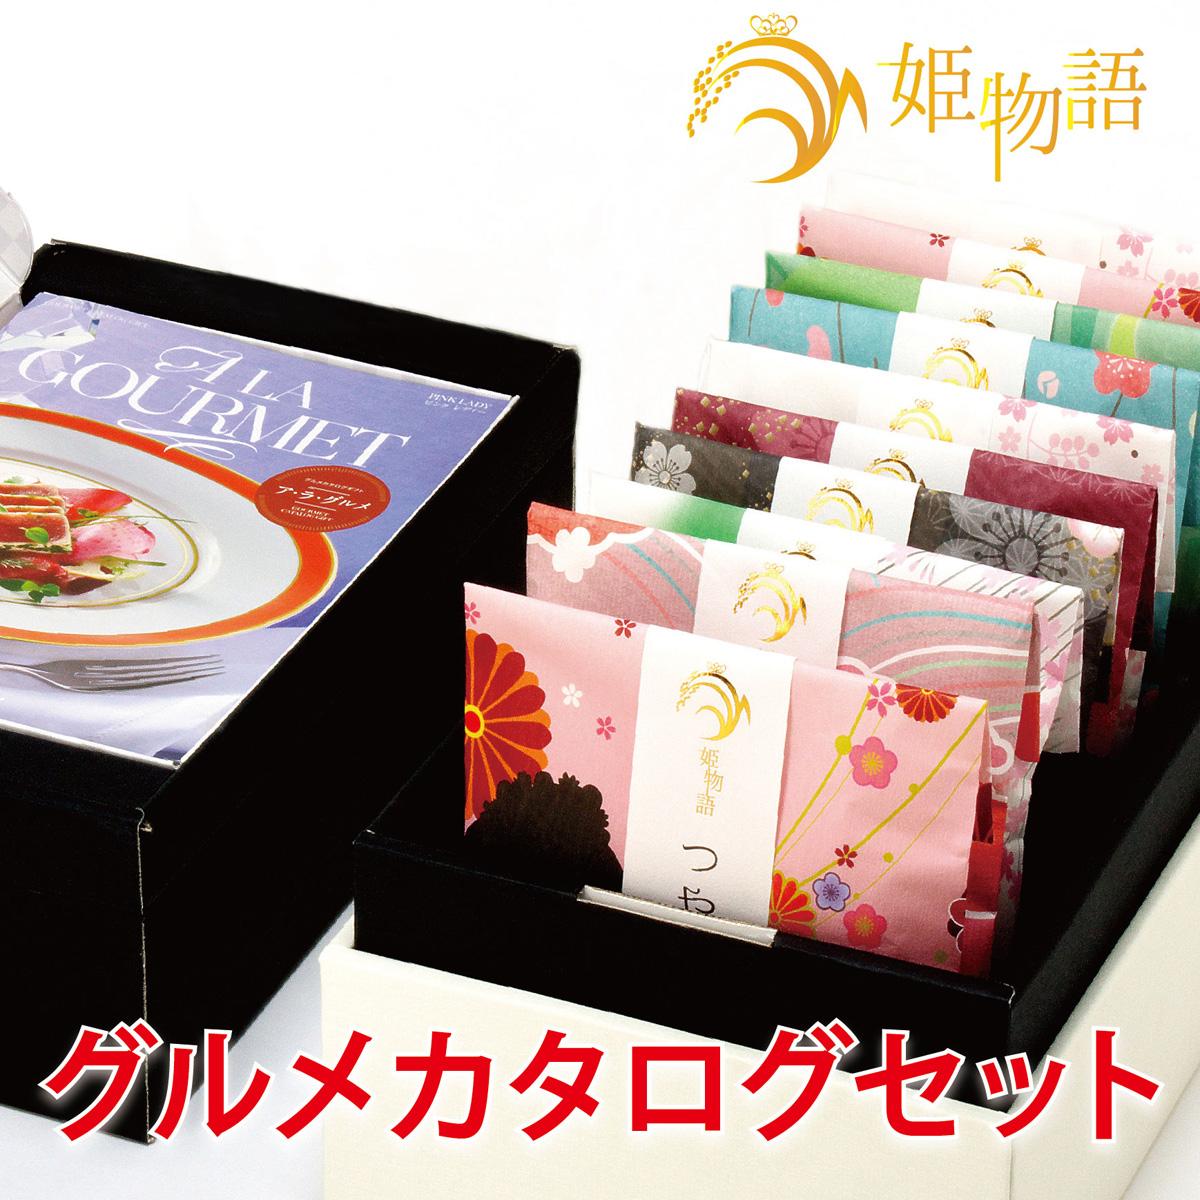 カタログギフト と 姫物語 のセット (スノウ ボール) 出産内祝い 内祝い 結婚内祝い 入学内祝い 快気祝い 引き出物 他の ギフトに 日本の銘米 の姉妹品 送料無料 お返し 日本の名米